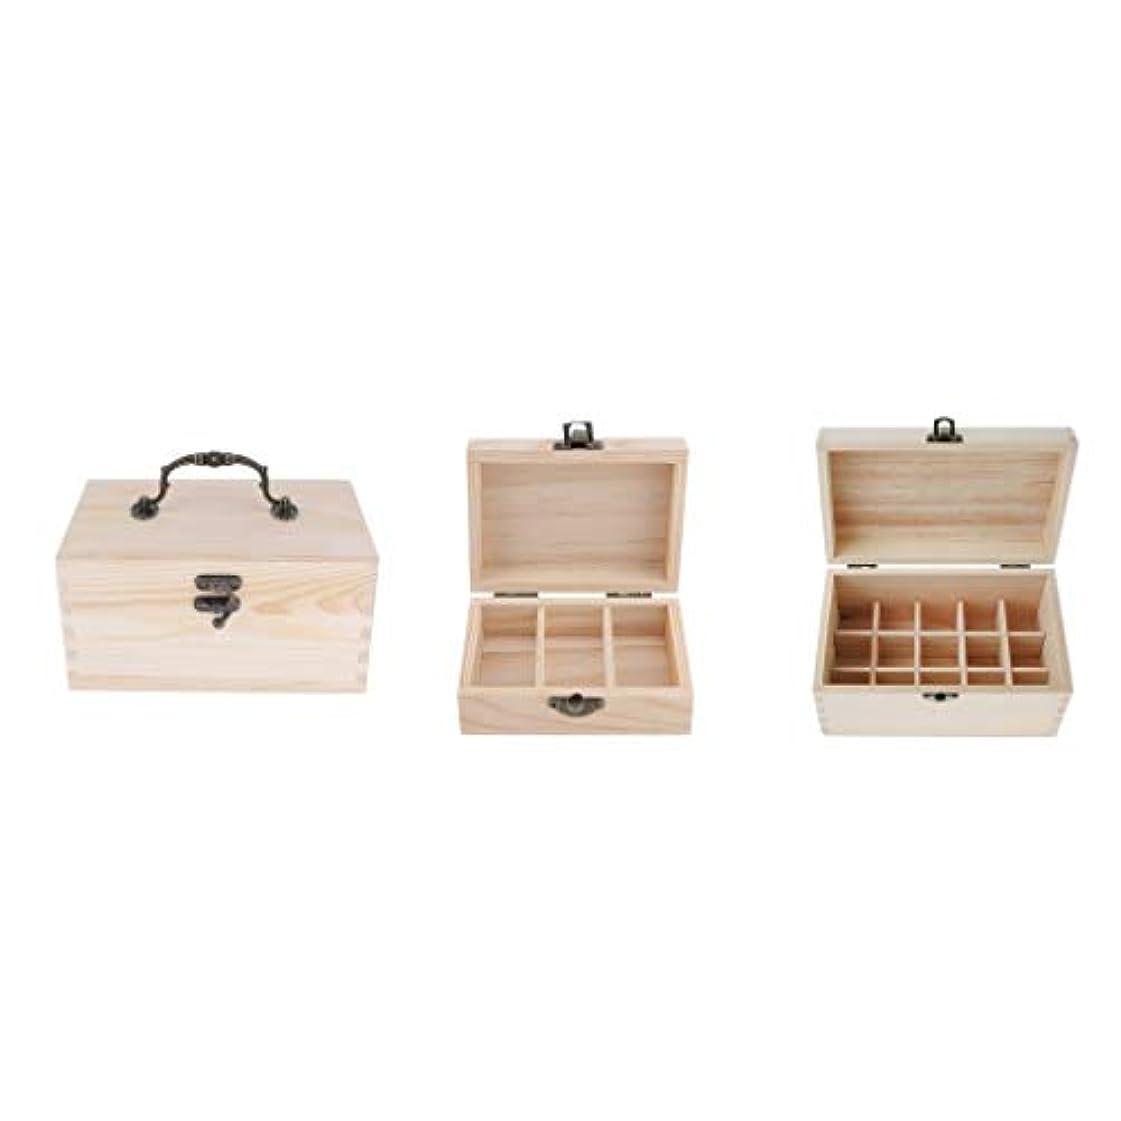 振り返る鬼ごっこ安価なエッセンシャルオイル 収納ボックス 木製ボックス 精油収納 香水収納ケース 3個セット